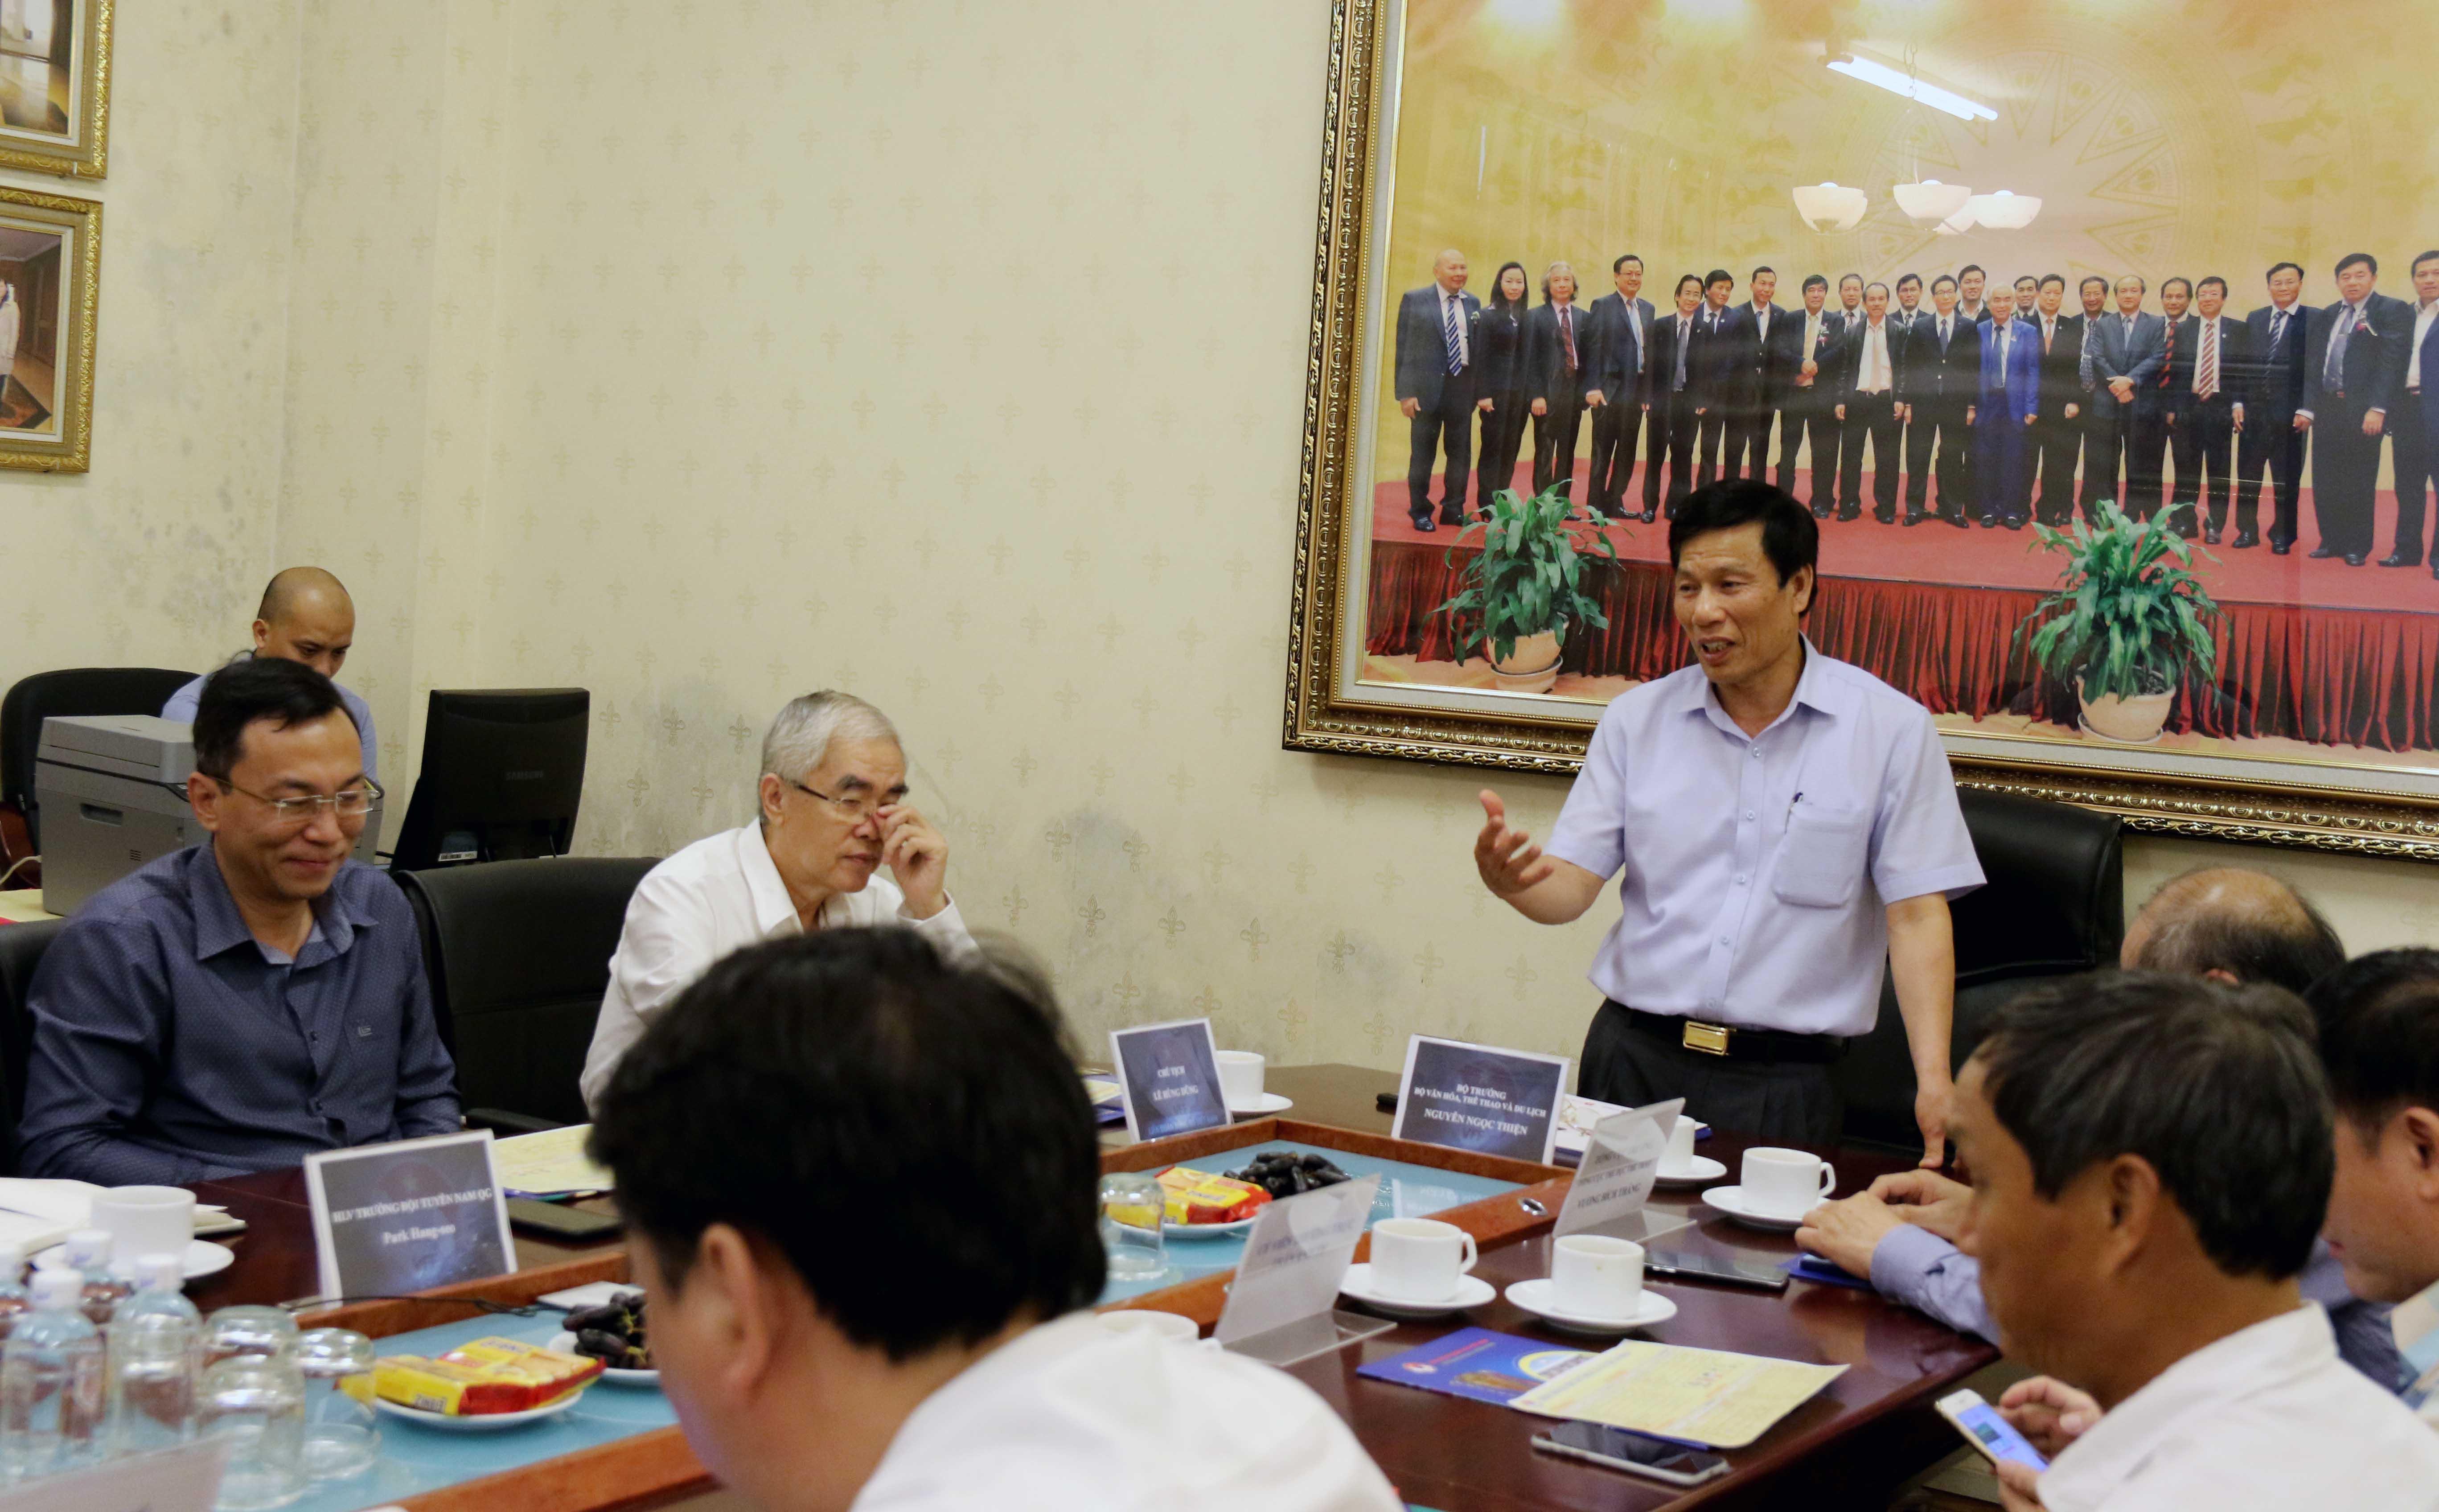 Bộ trưởng Nguyễn Ngọc Thiện làm việc với lãnh đạo VFF và HLV trưởng các đội tuyển